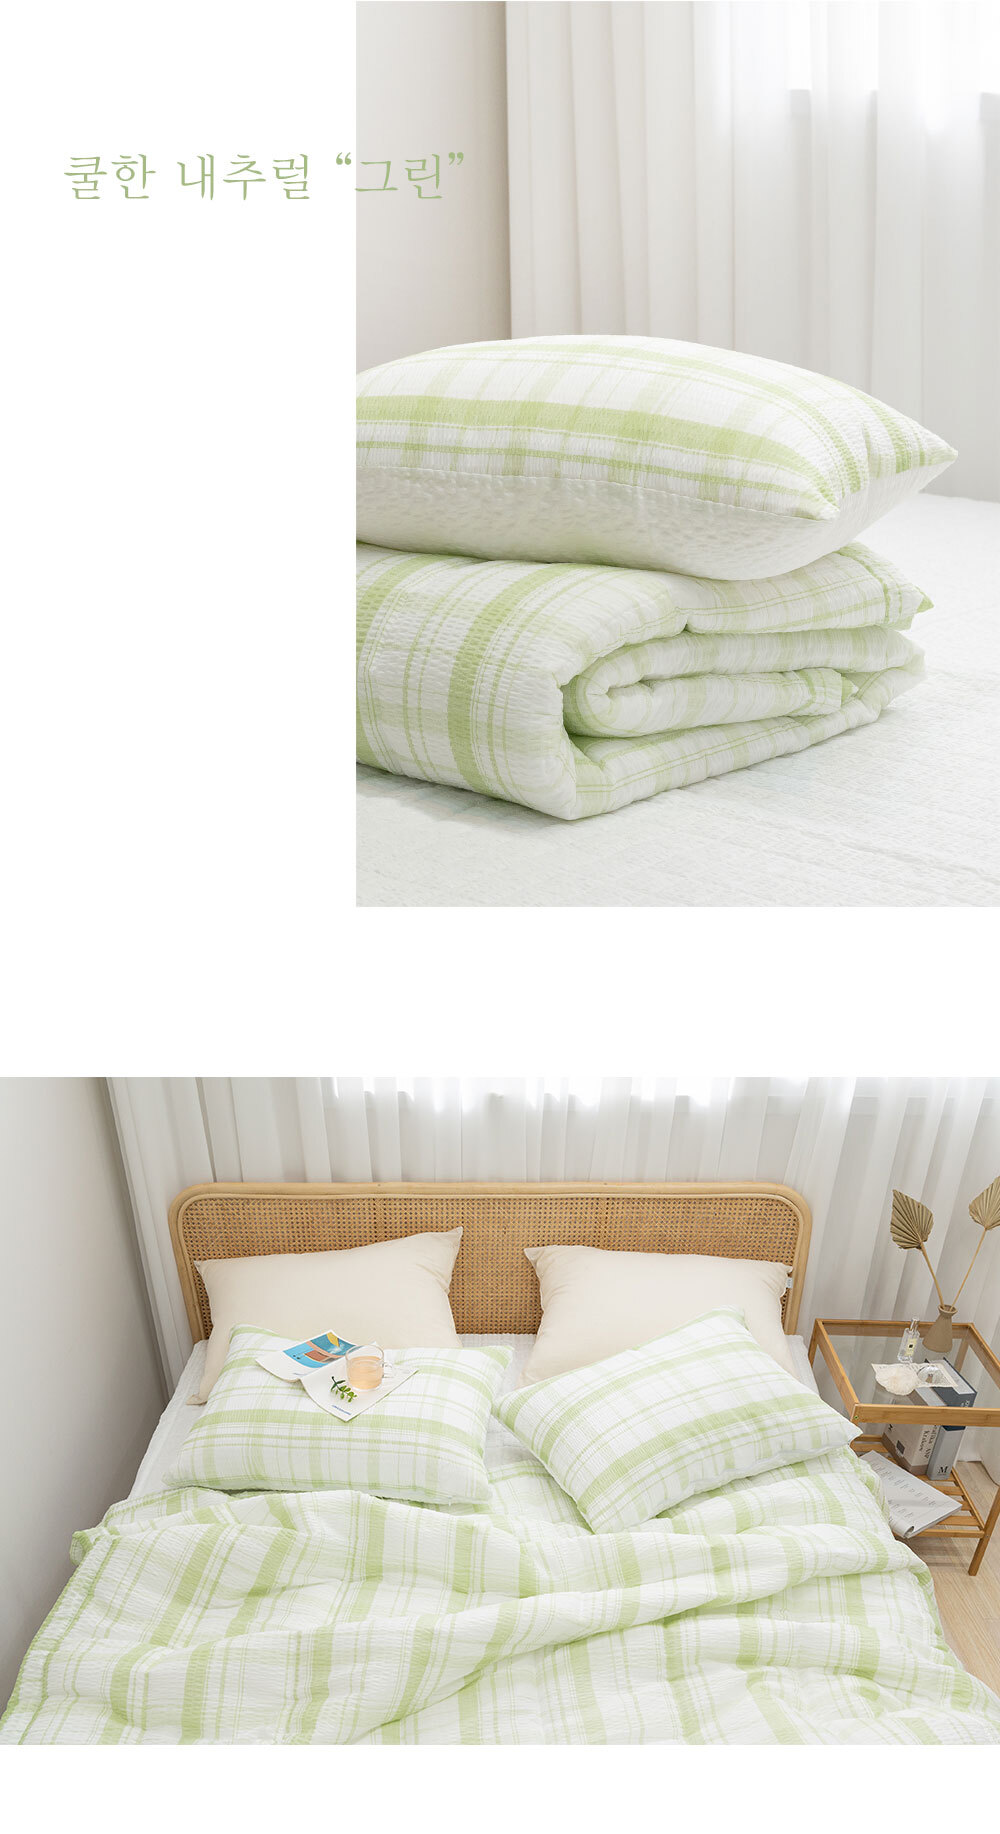 butterring_bed_green_01.jpg